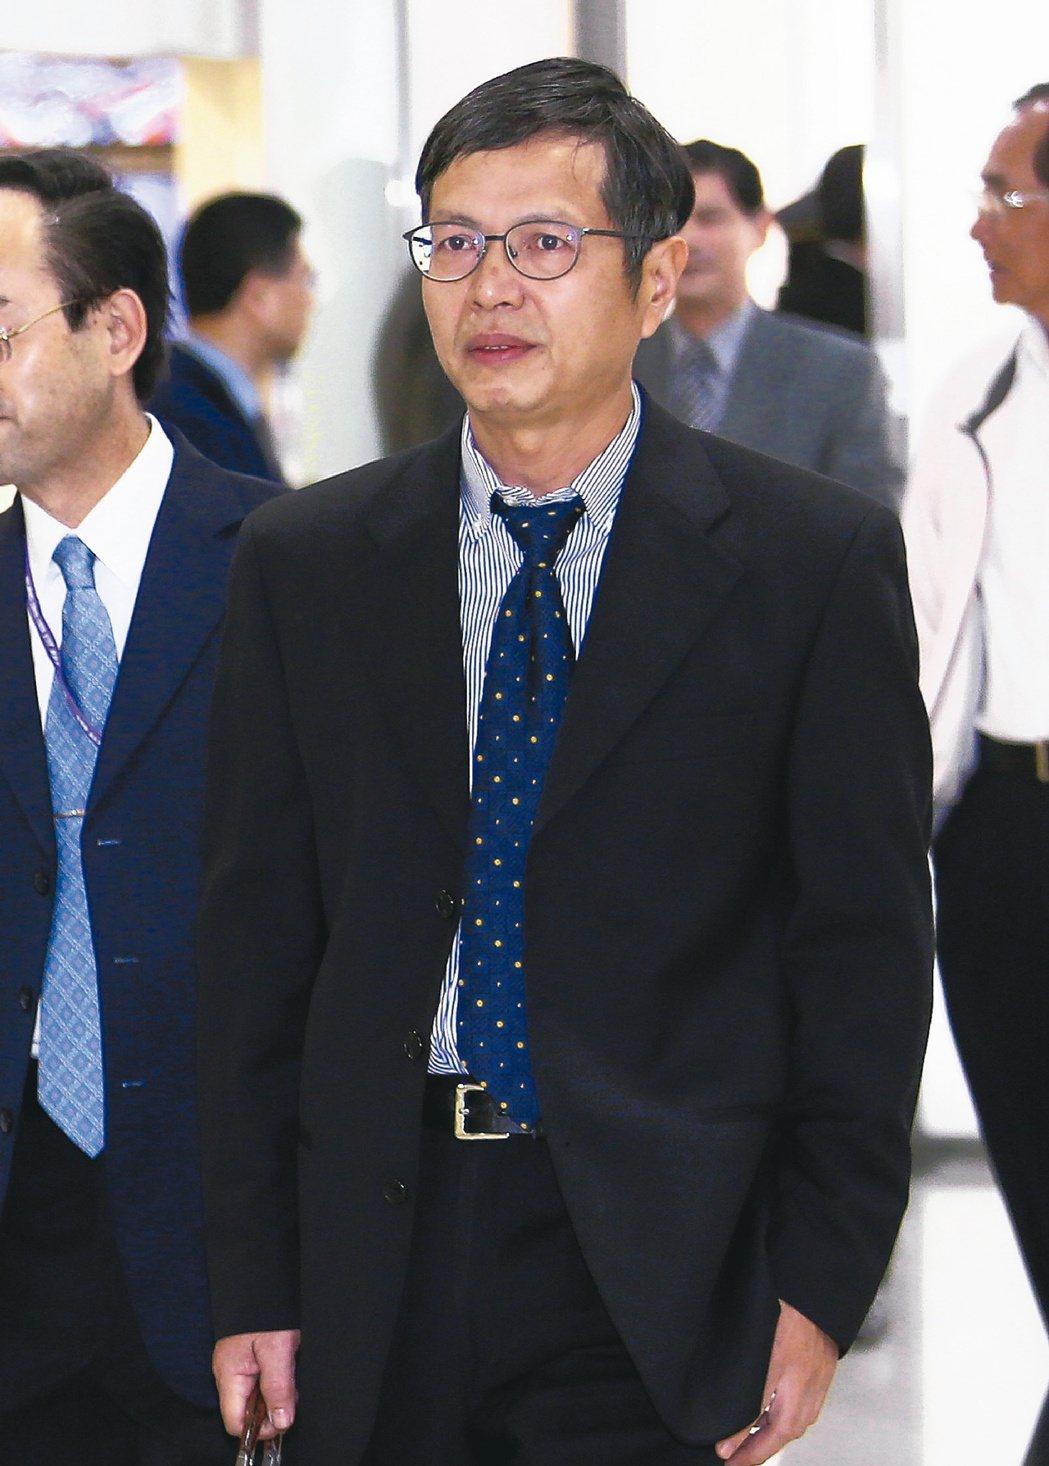 林鈺雄開第一槍 法官呼籲法官代表退出司改會議